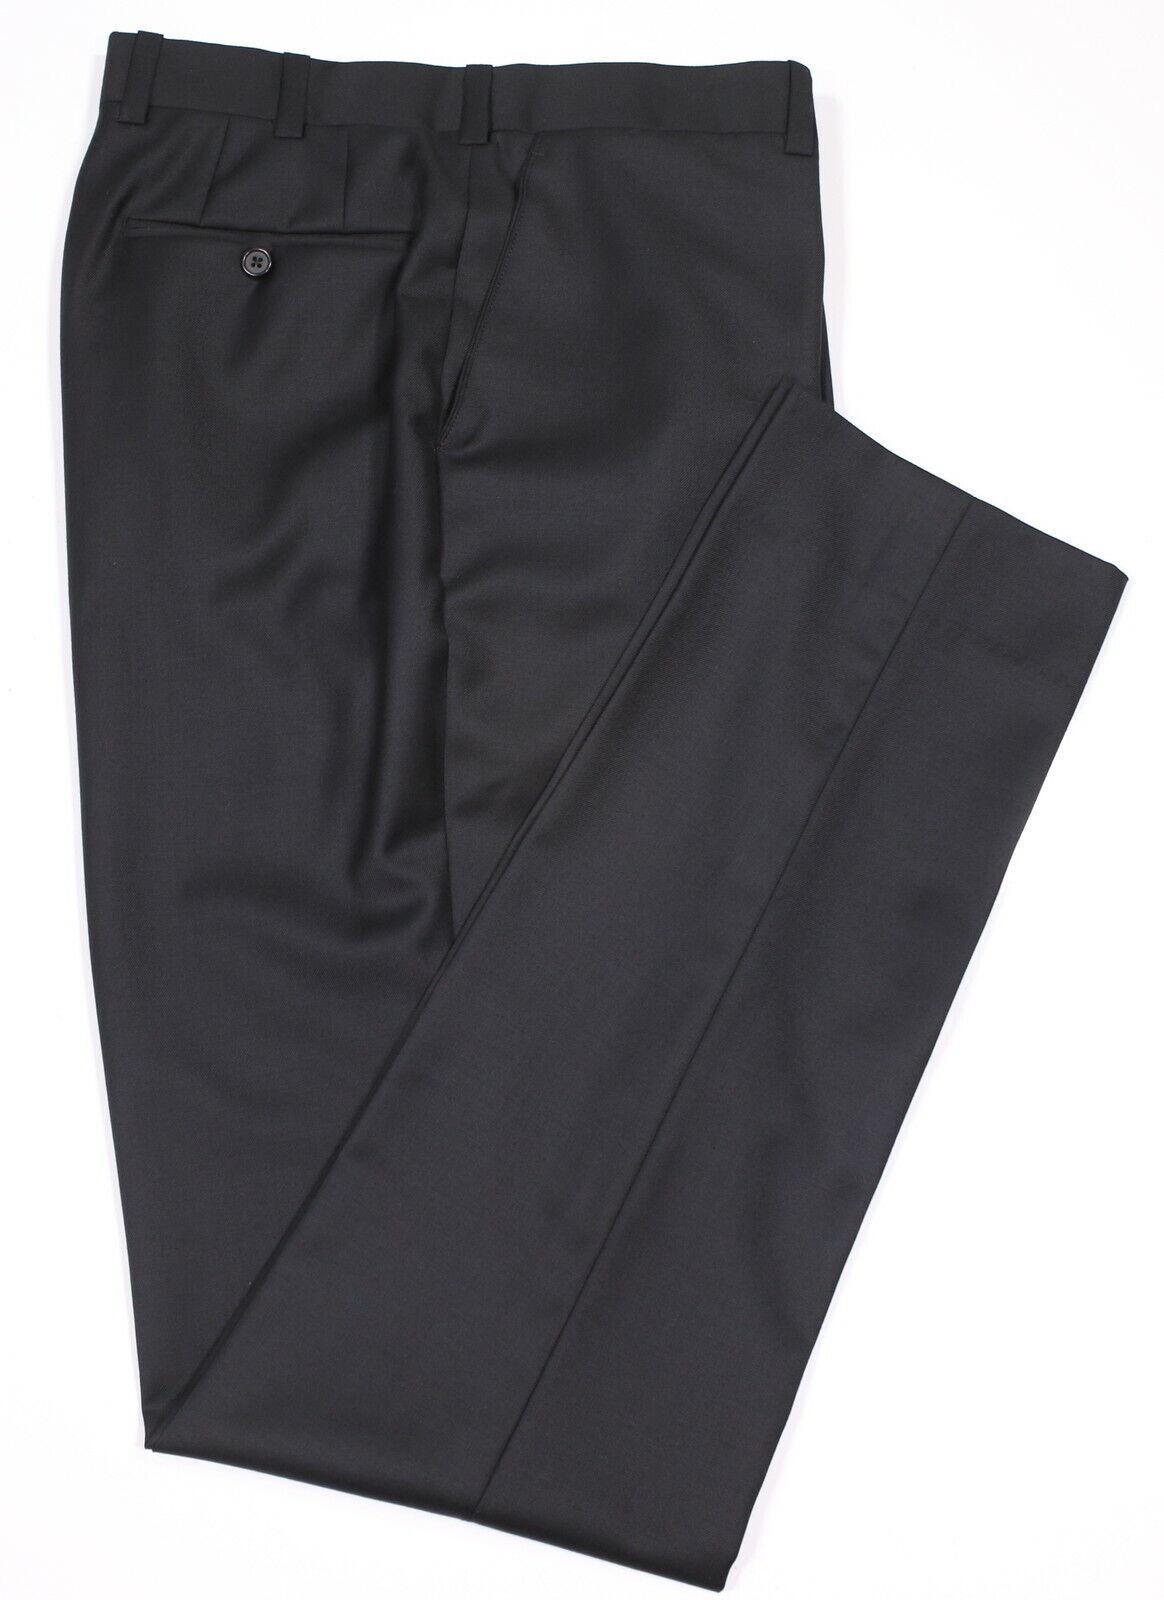 Alba nach Maß Kleidung Festes Schwarz Wolle Glatt Vorne Enge Passform Anzughose